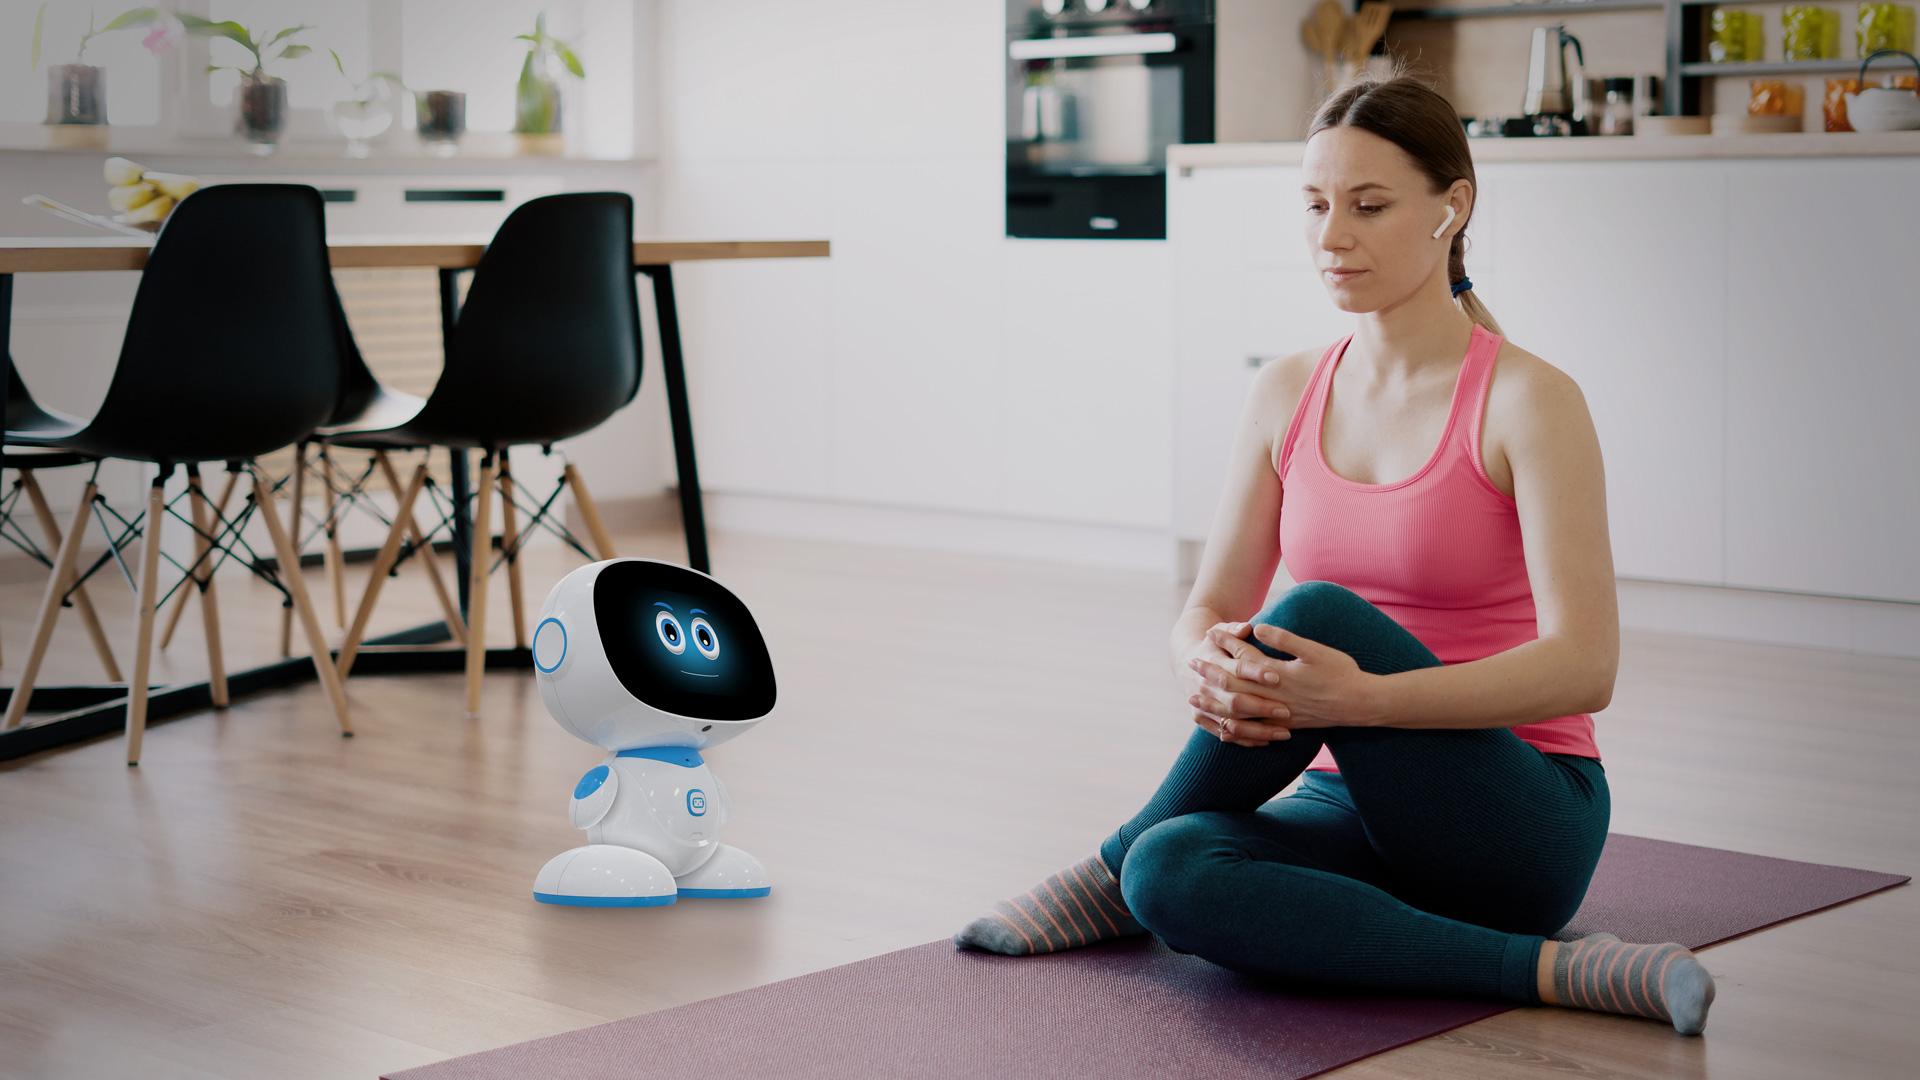 ethics of robotics